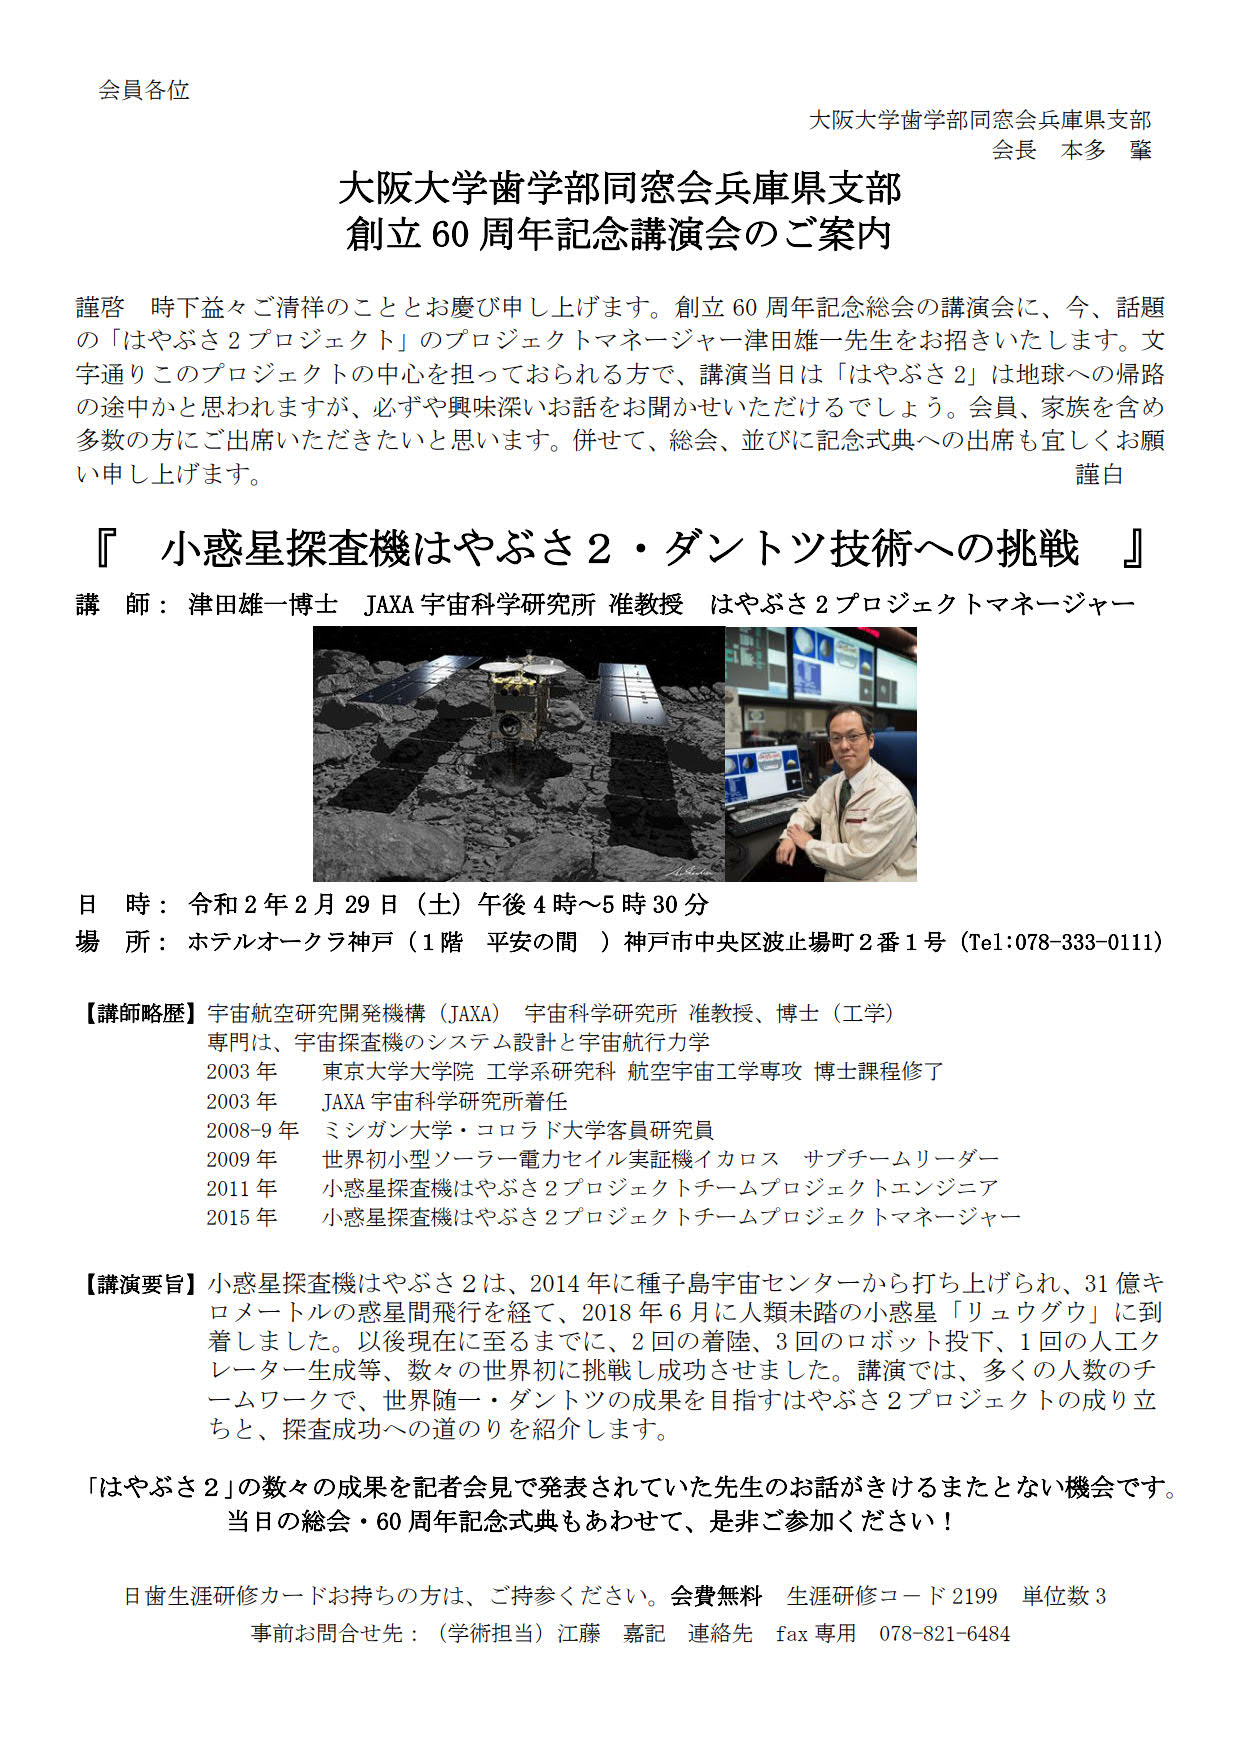 60周年記念講演会お知らせ3 大原案_1